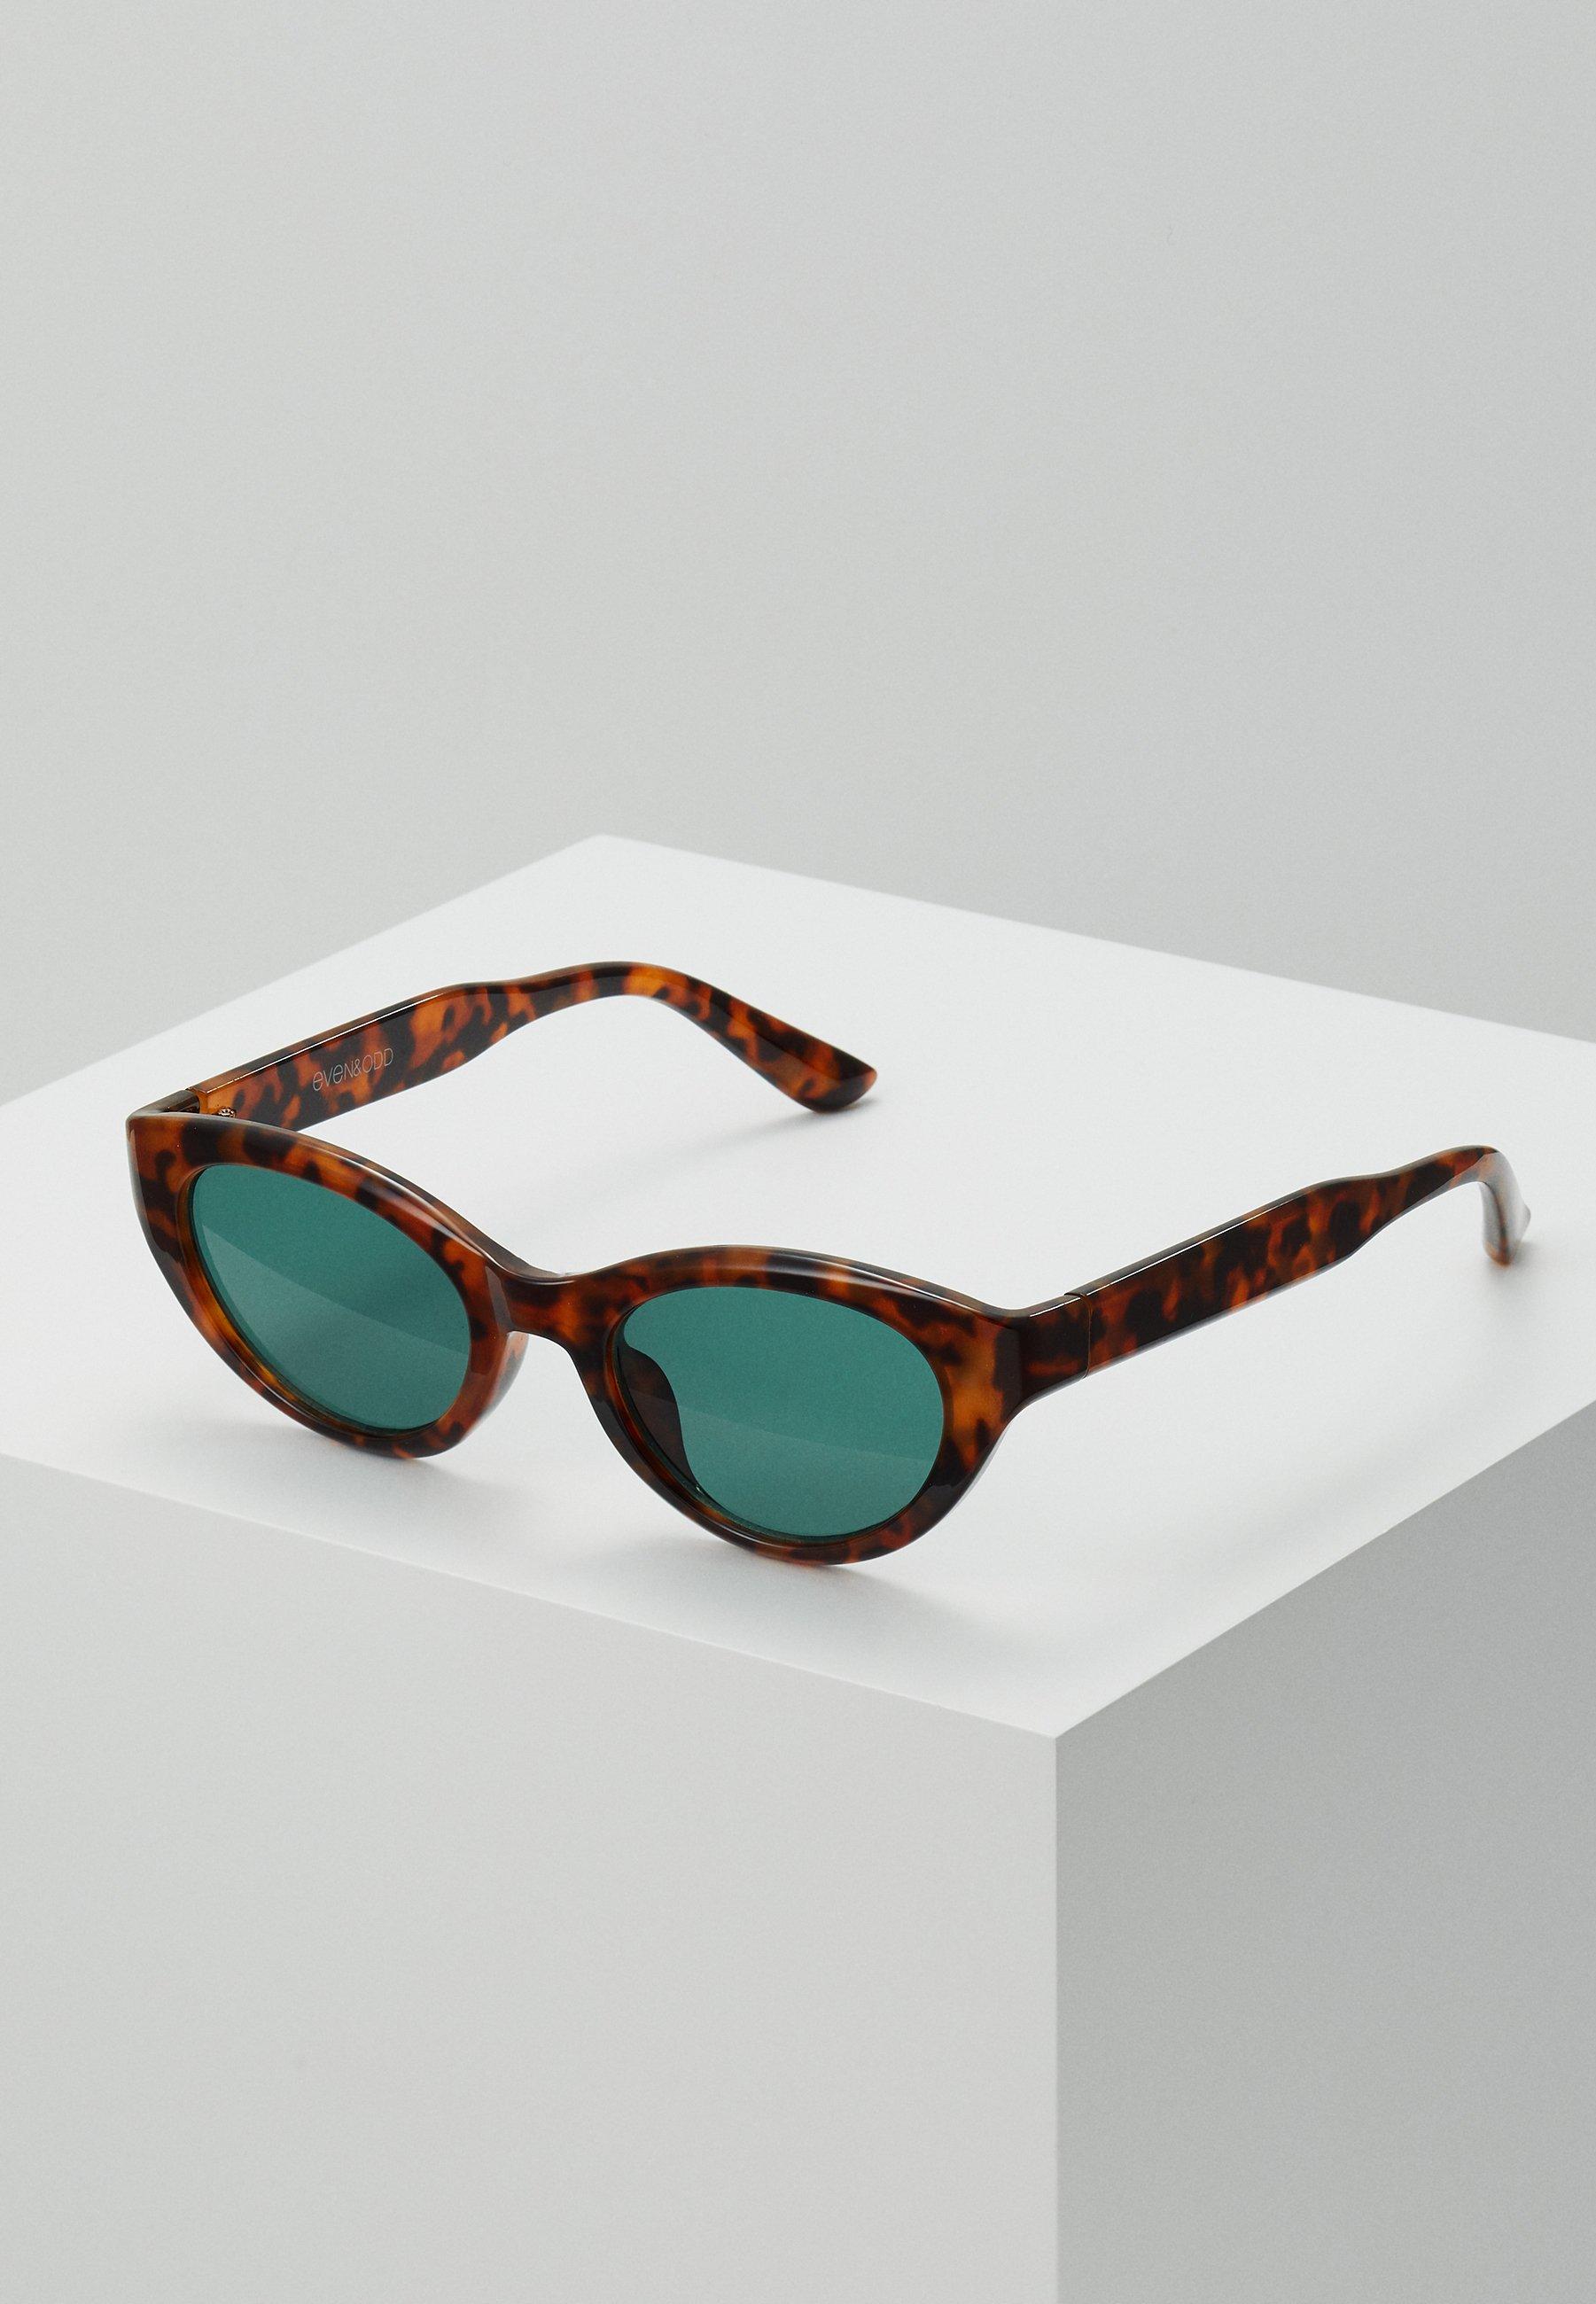 Even&Odd Sunglasses - brown